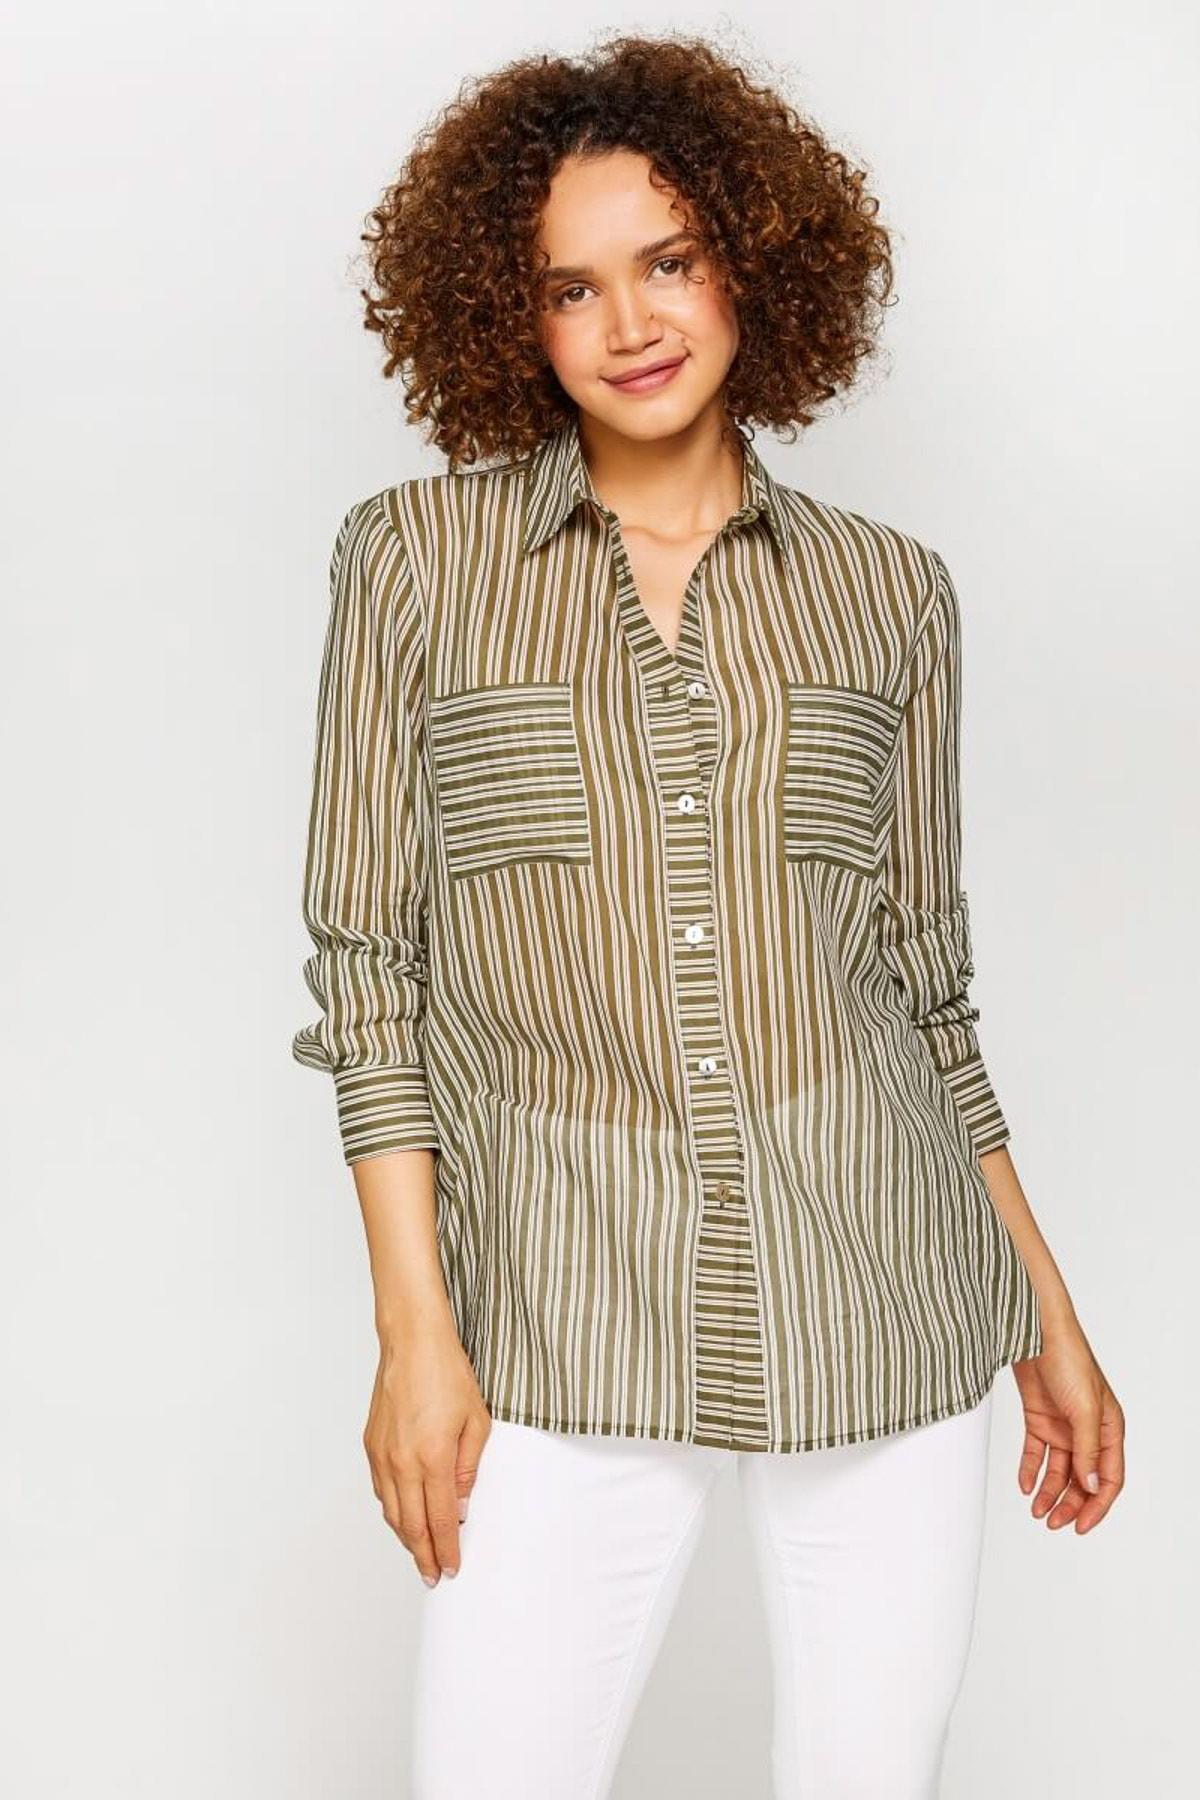 Faik Sönmez Kadın Çağla Çizgili Gömlek 60094 U60094 1